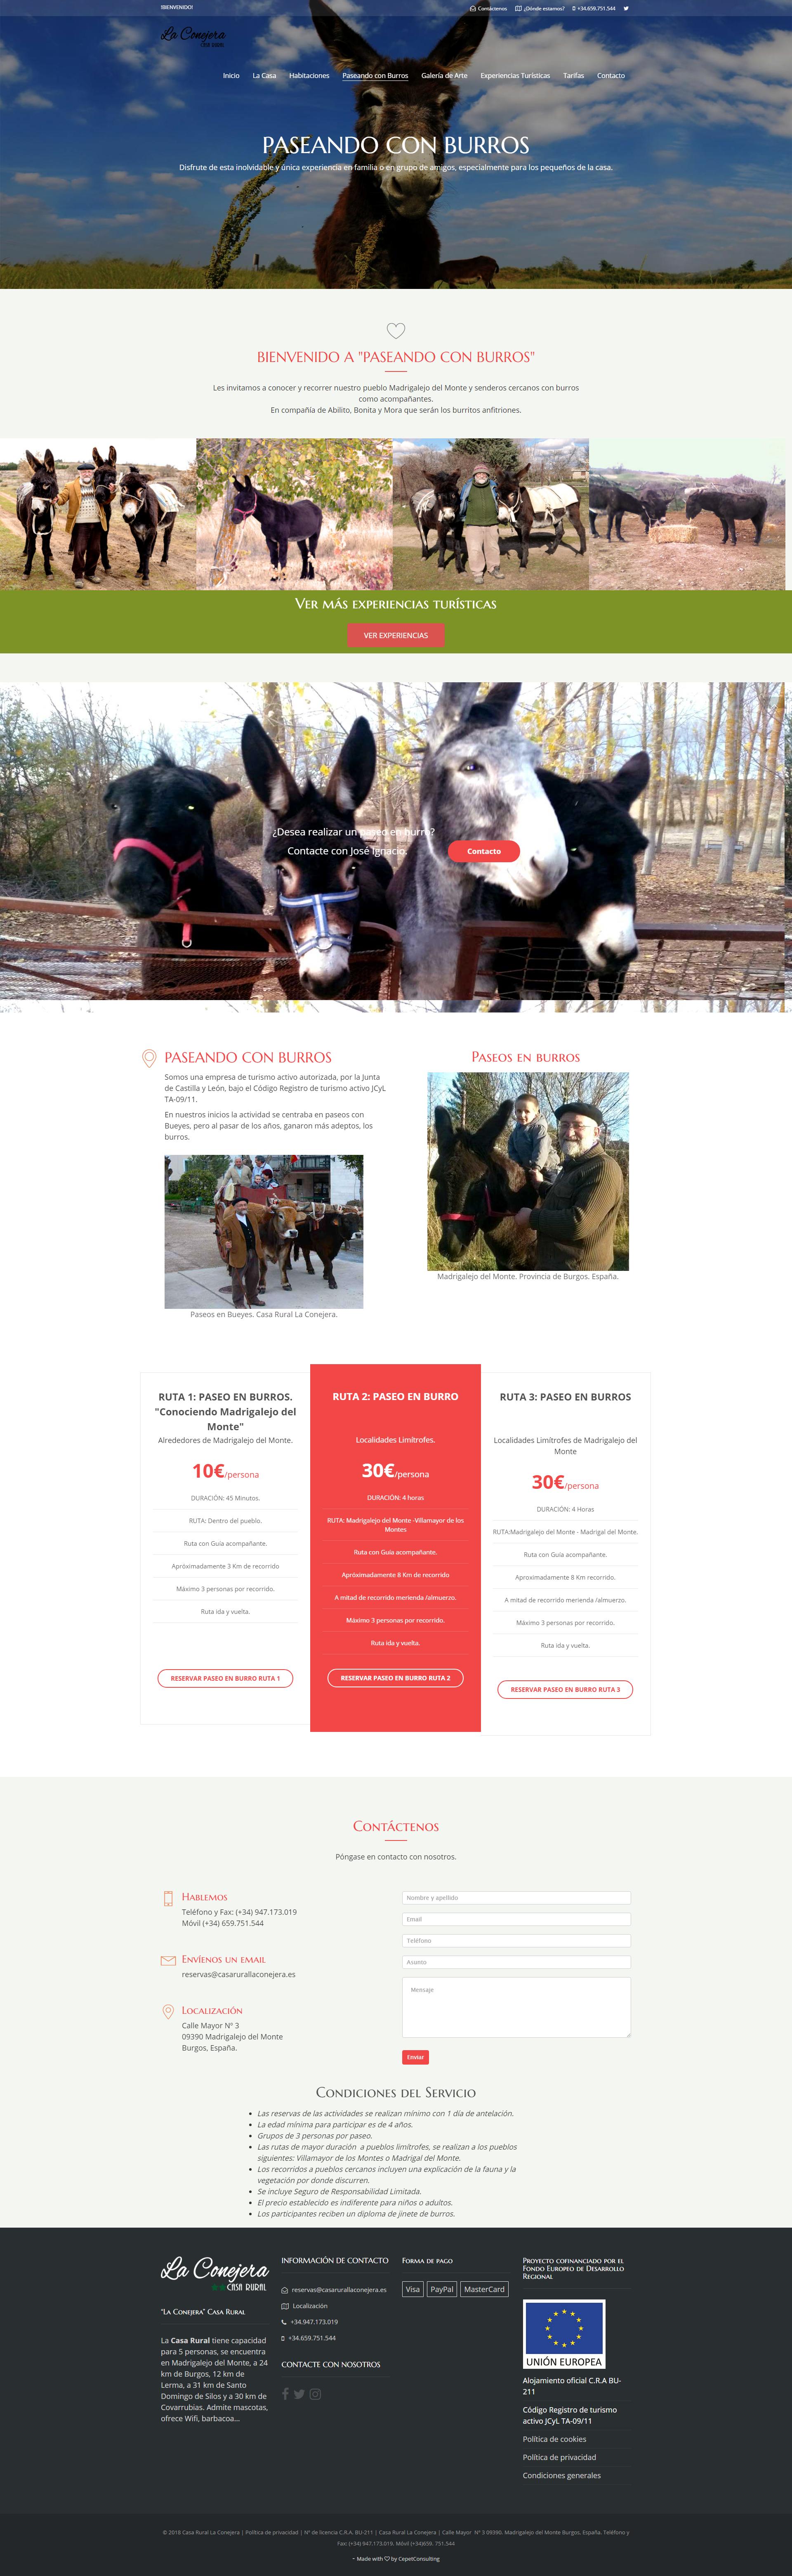 Paseando con burros, turismo rural en Burgos